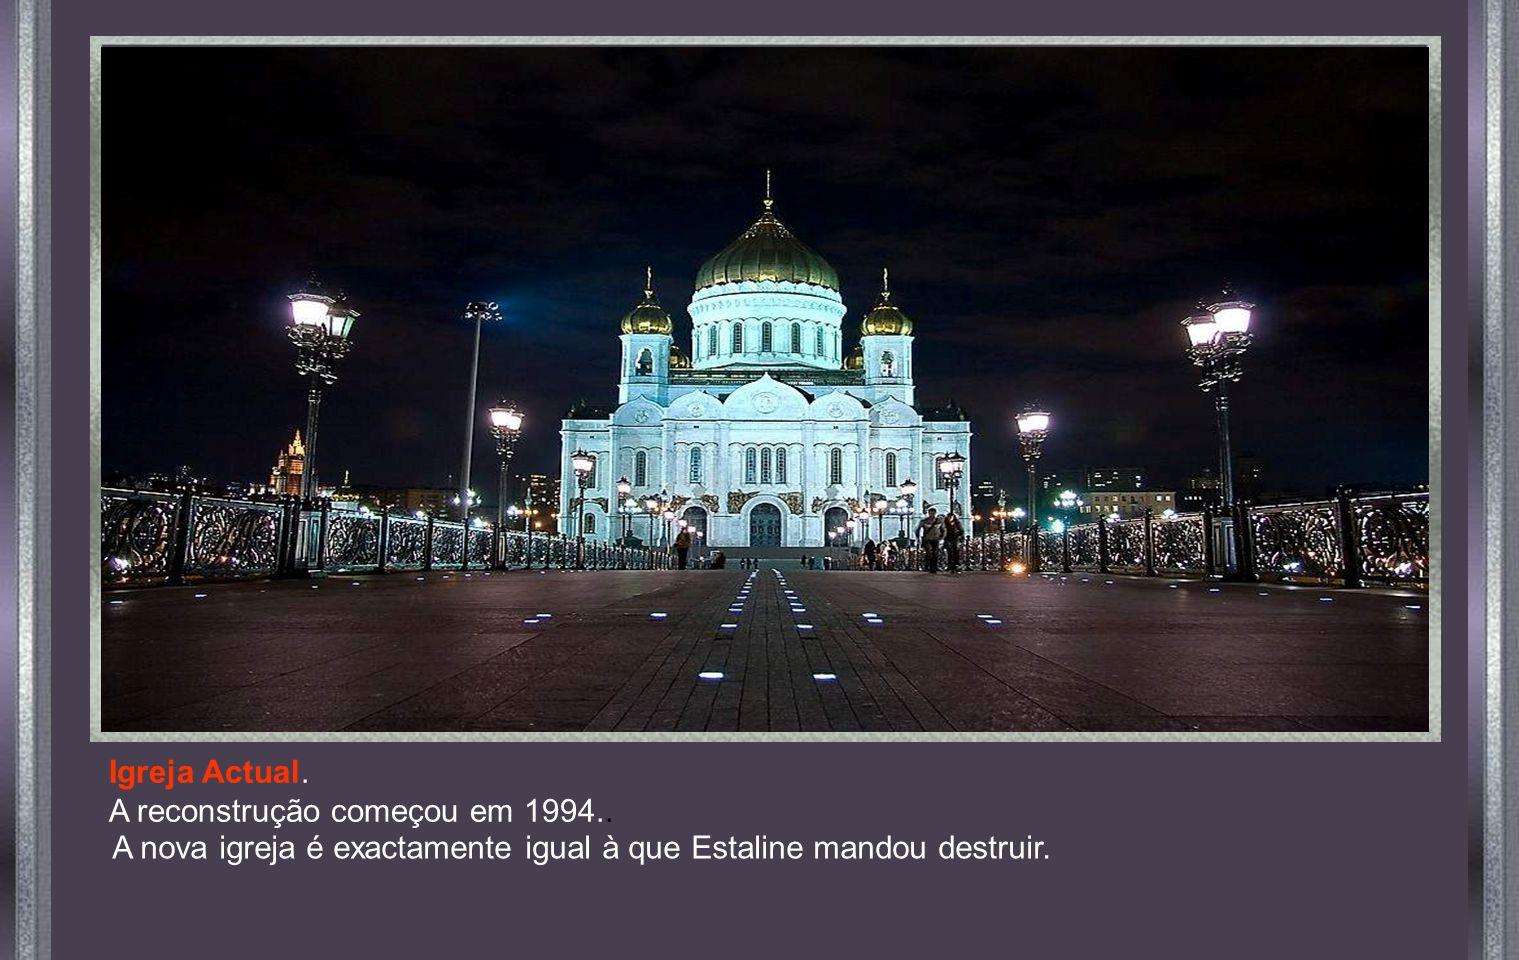 Fotografía oficial Official and original photo Em 5 de Dezembro de 1931, por ordem de Estaline, a igreja foi dinamitada.